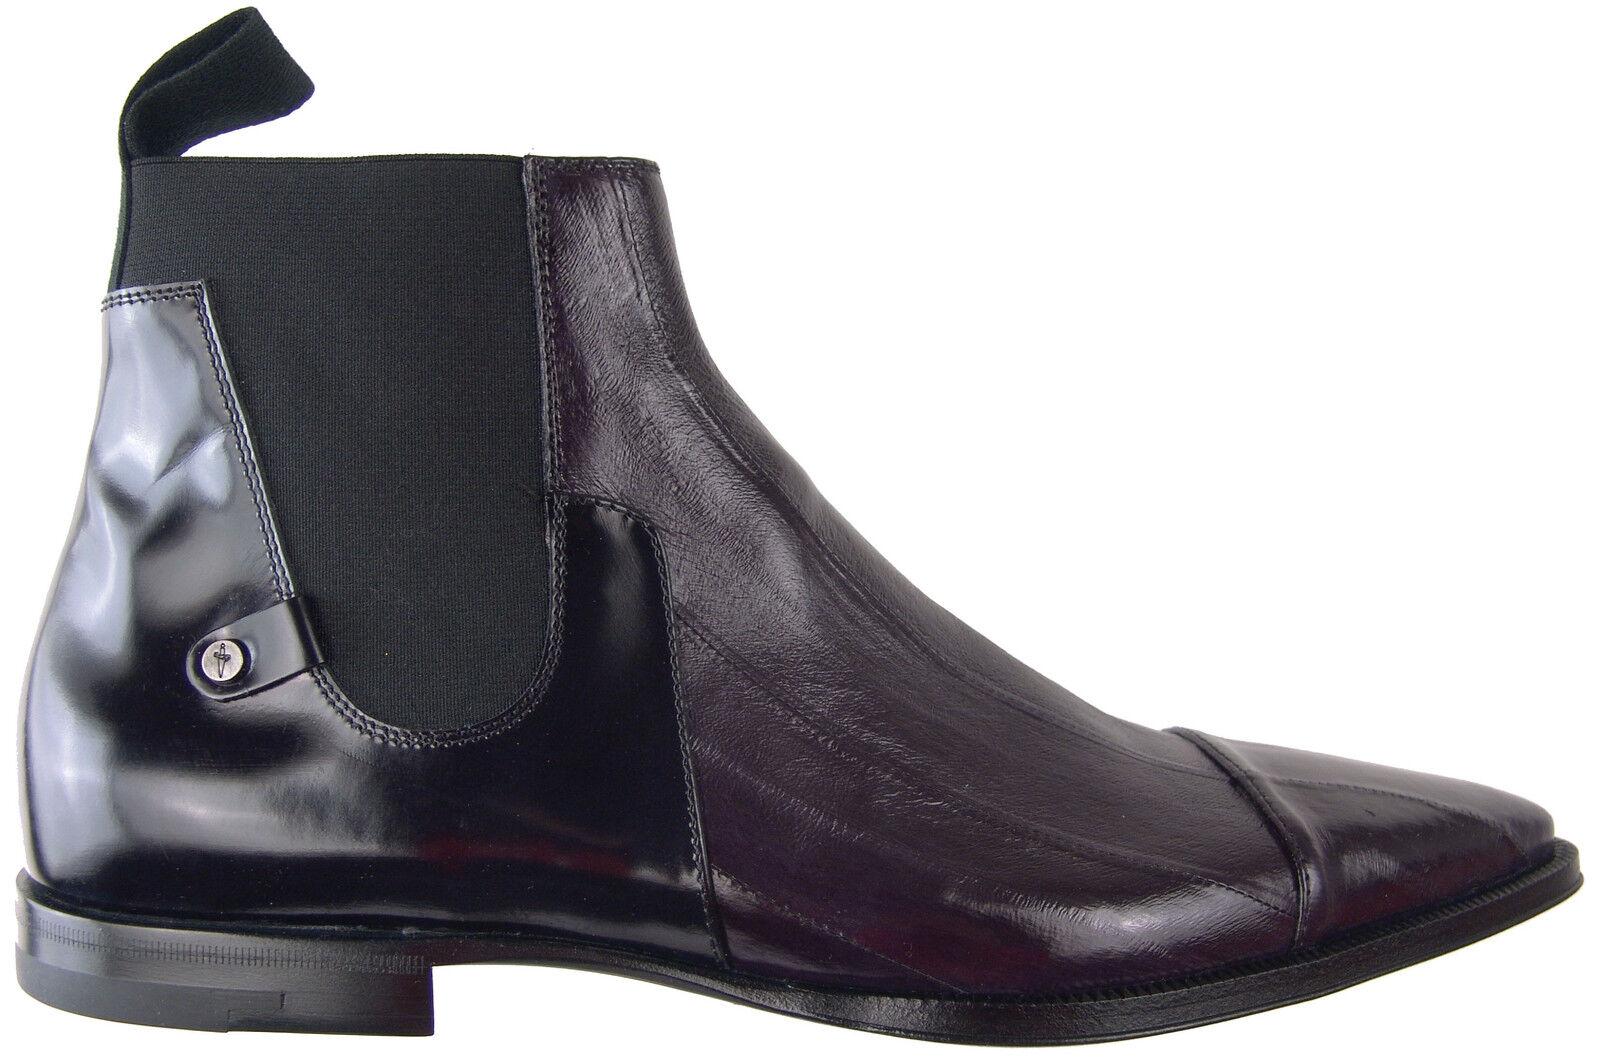 Cesare Paciotti Anguila botas al Tobillo Zapatos US 11 Diseñador Italiano